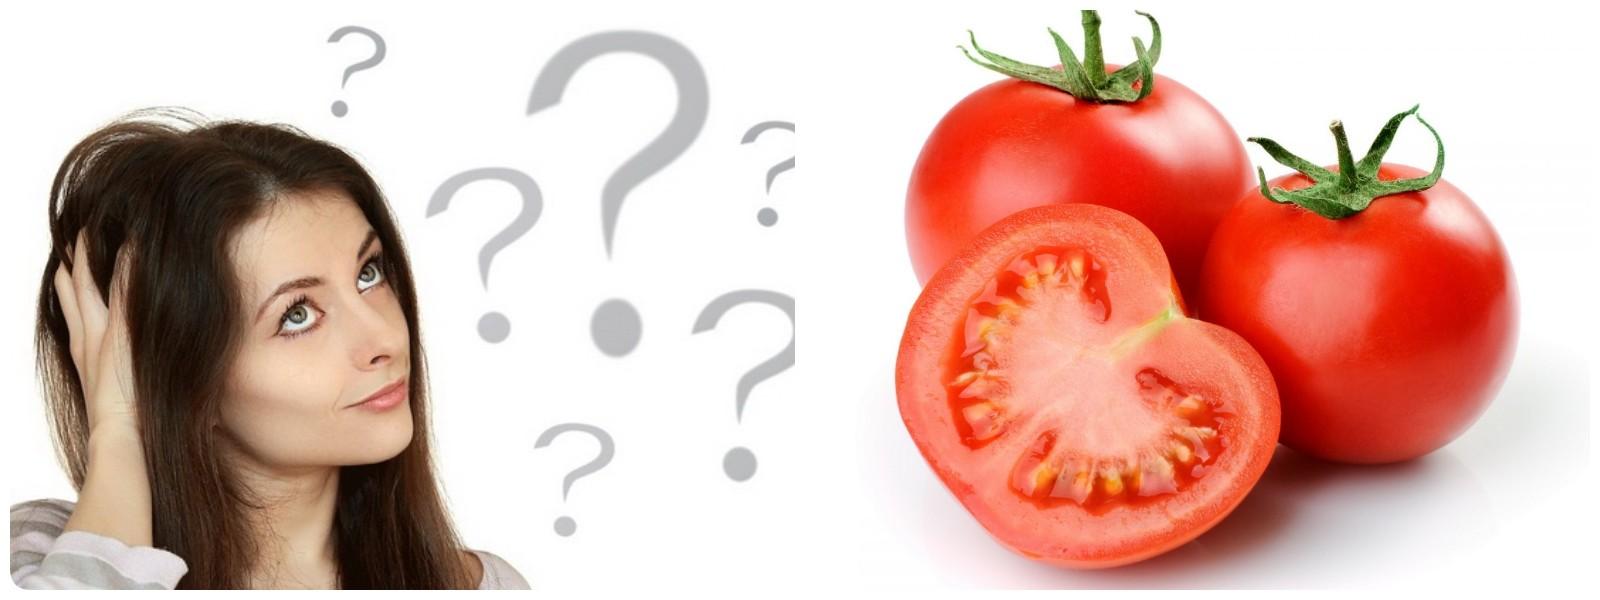 Trị mụn bằng cà chua có hiệu quả không?